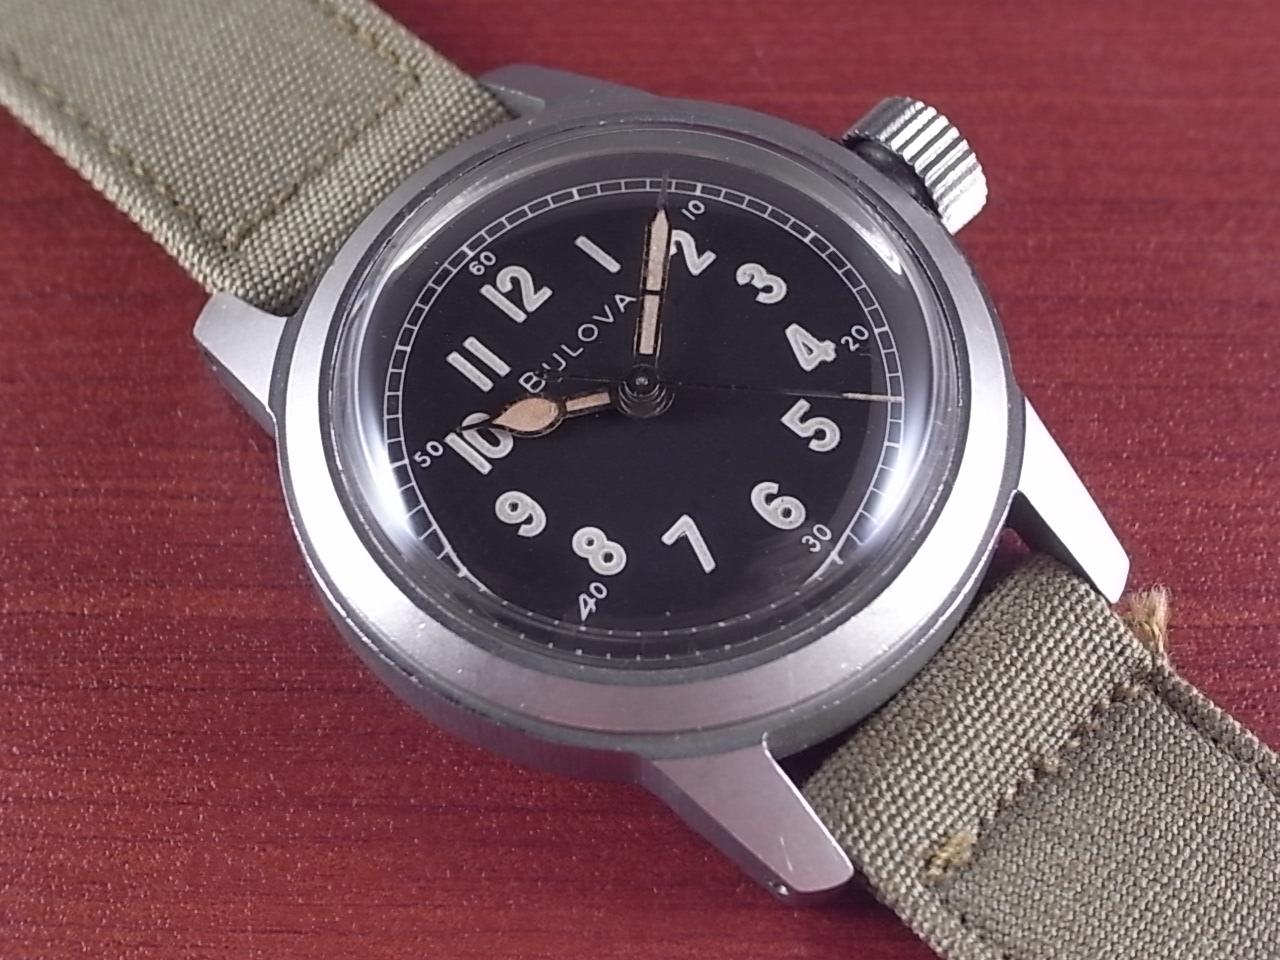 ブローバ ミリタリー 米軍 MIL-W-3818A ニアミントコンディション 1960年代のメイン写真